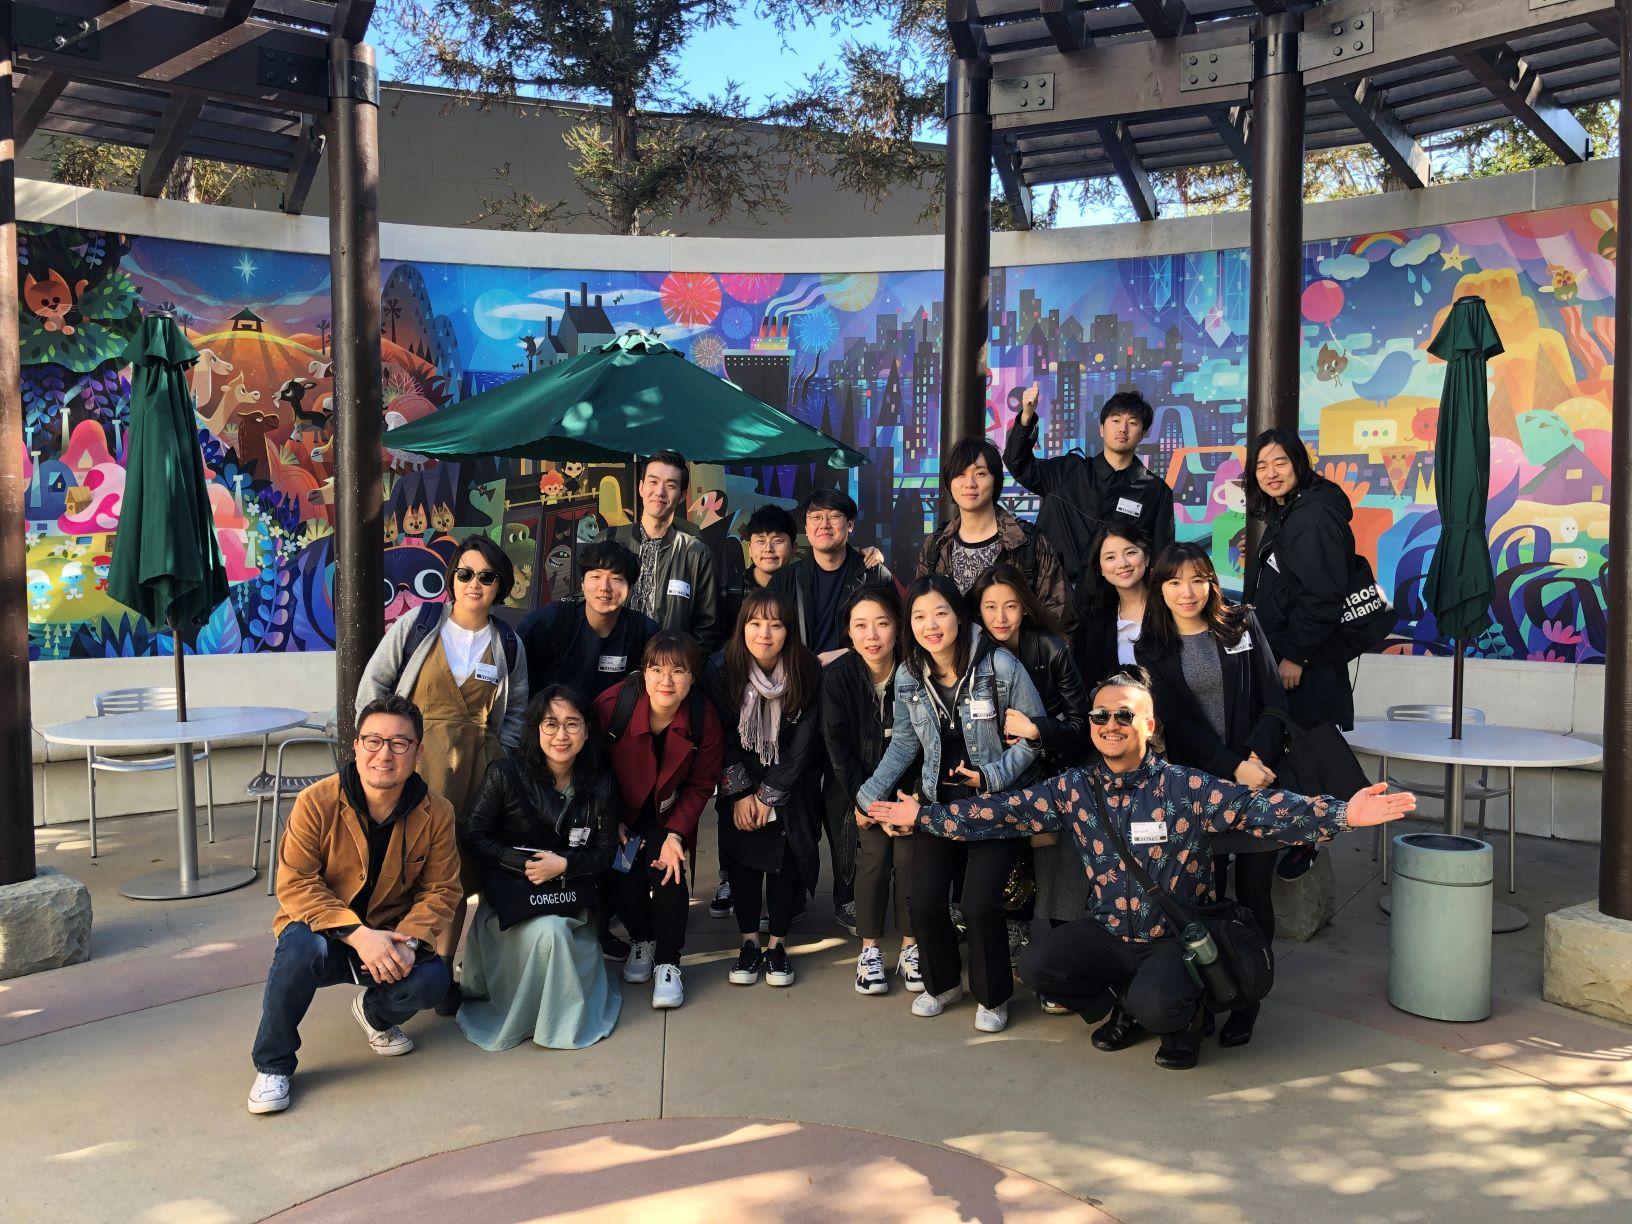 지난 3월 해외 연수 프로그램인 '데뷔 스쿨'에 참가해 미국 LA에 위치한 '소니 픽쳐스 애니메이션' 제작사에 방문한 모습 ©CJ ENM